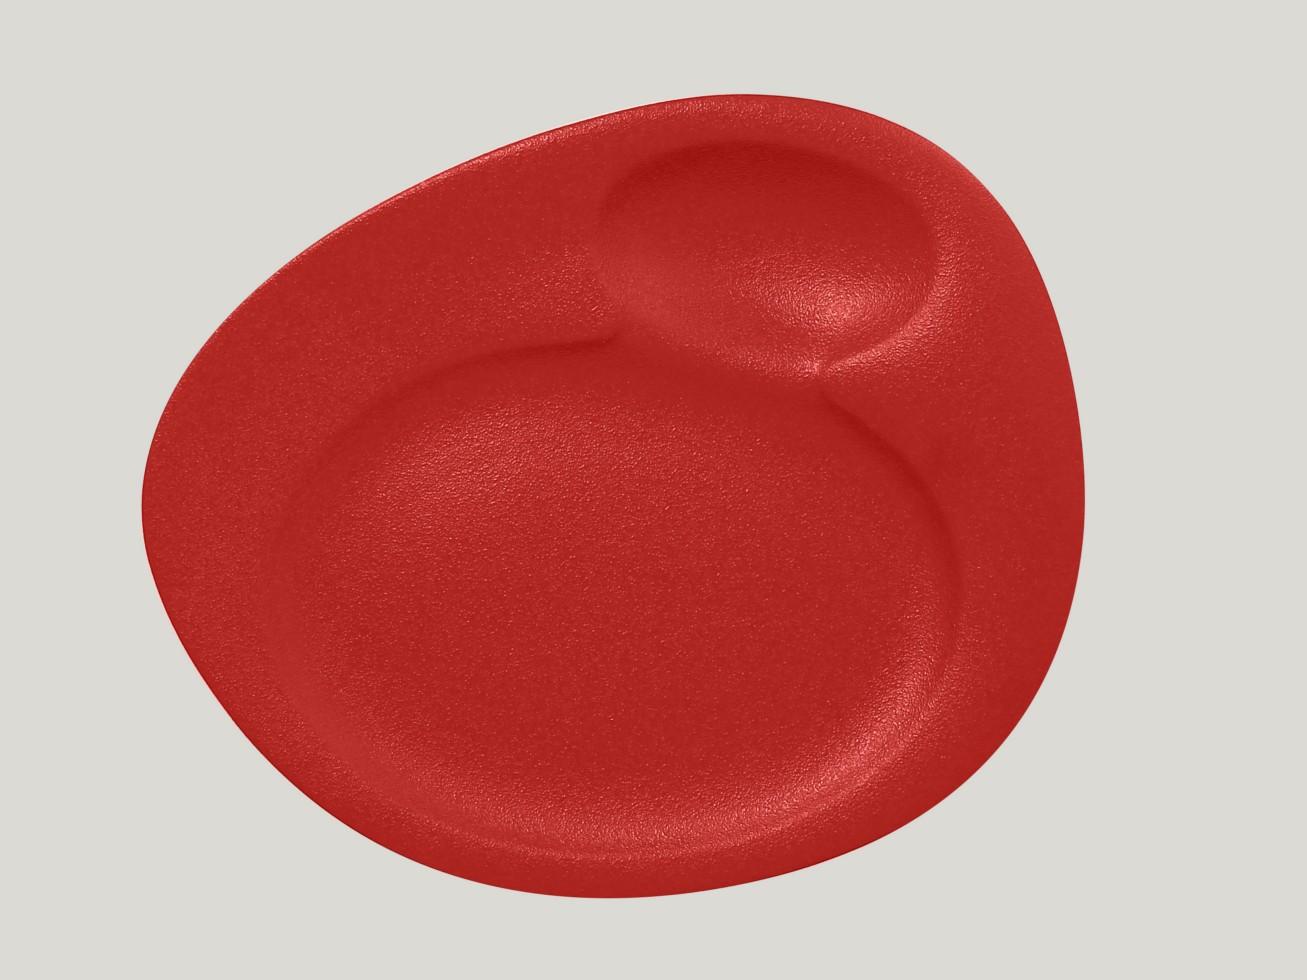 Dinner talíř - 2 basins - světle červená Neofusion